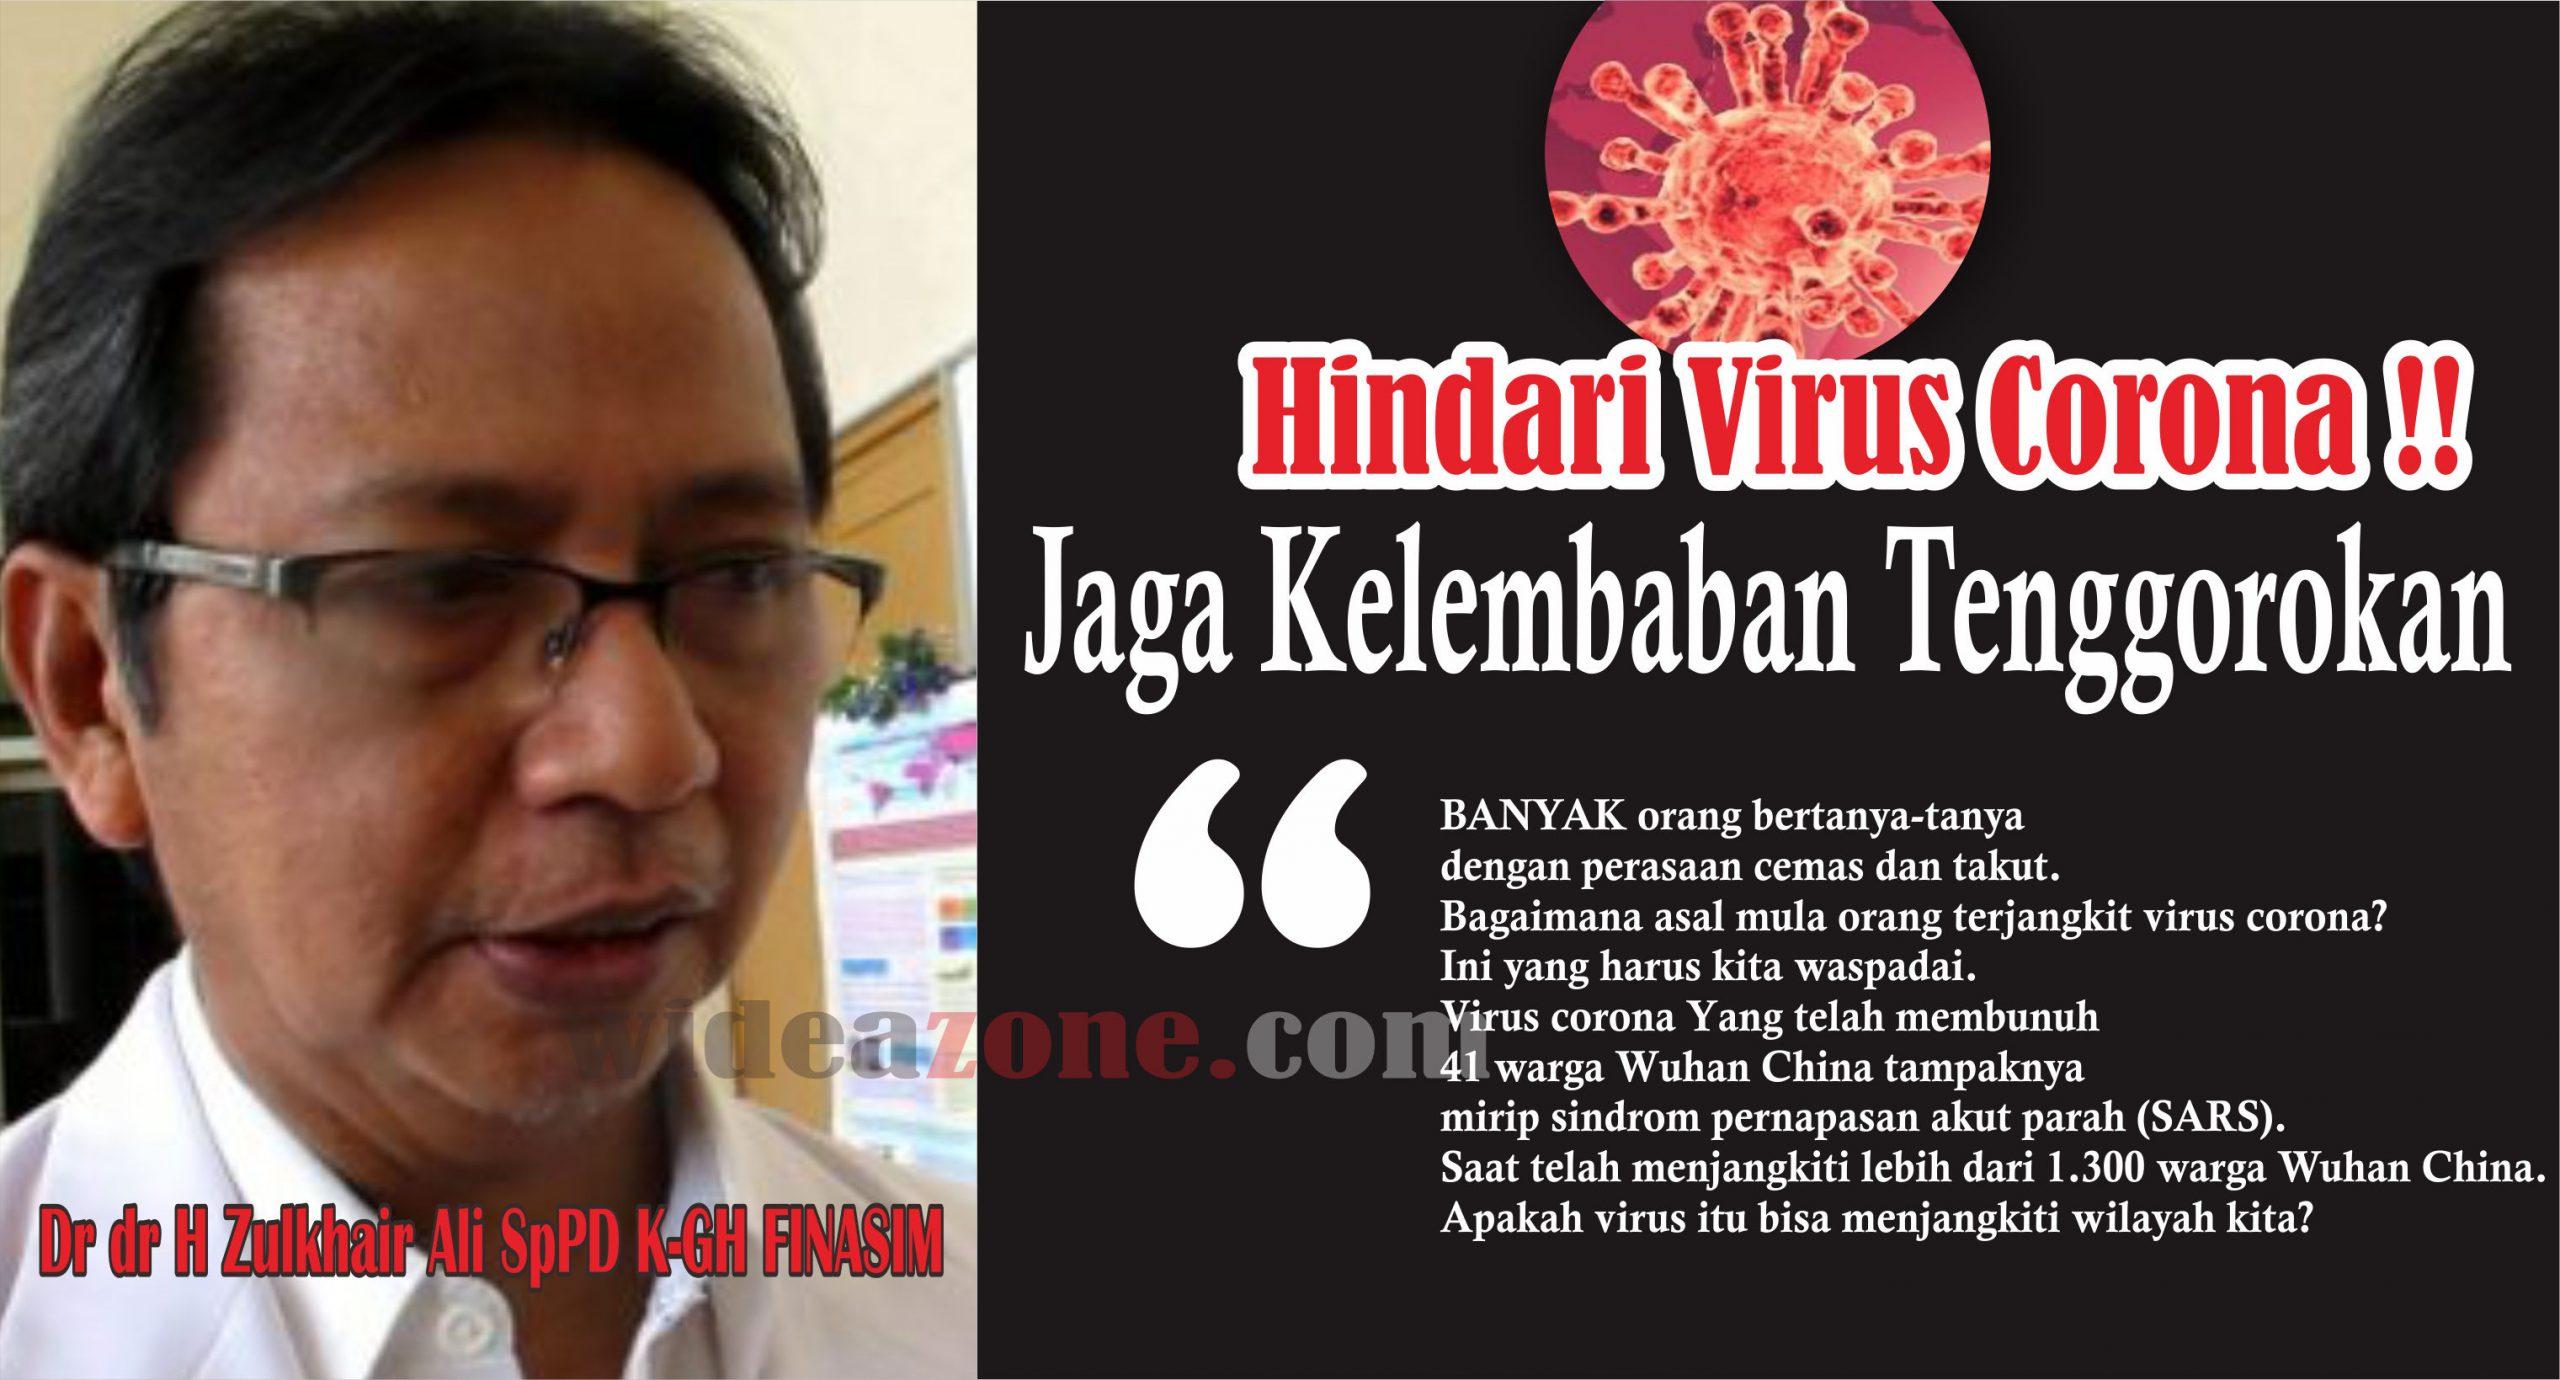 Dr dr H Zulkhair Ali SpPD K-GH FINASIM